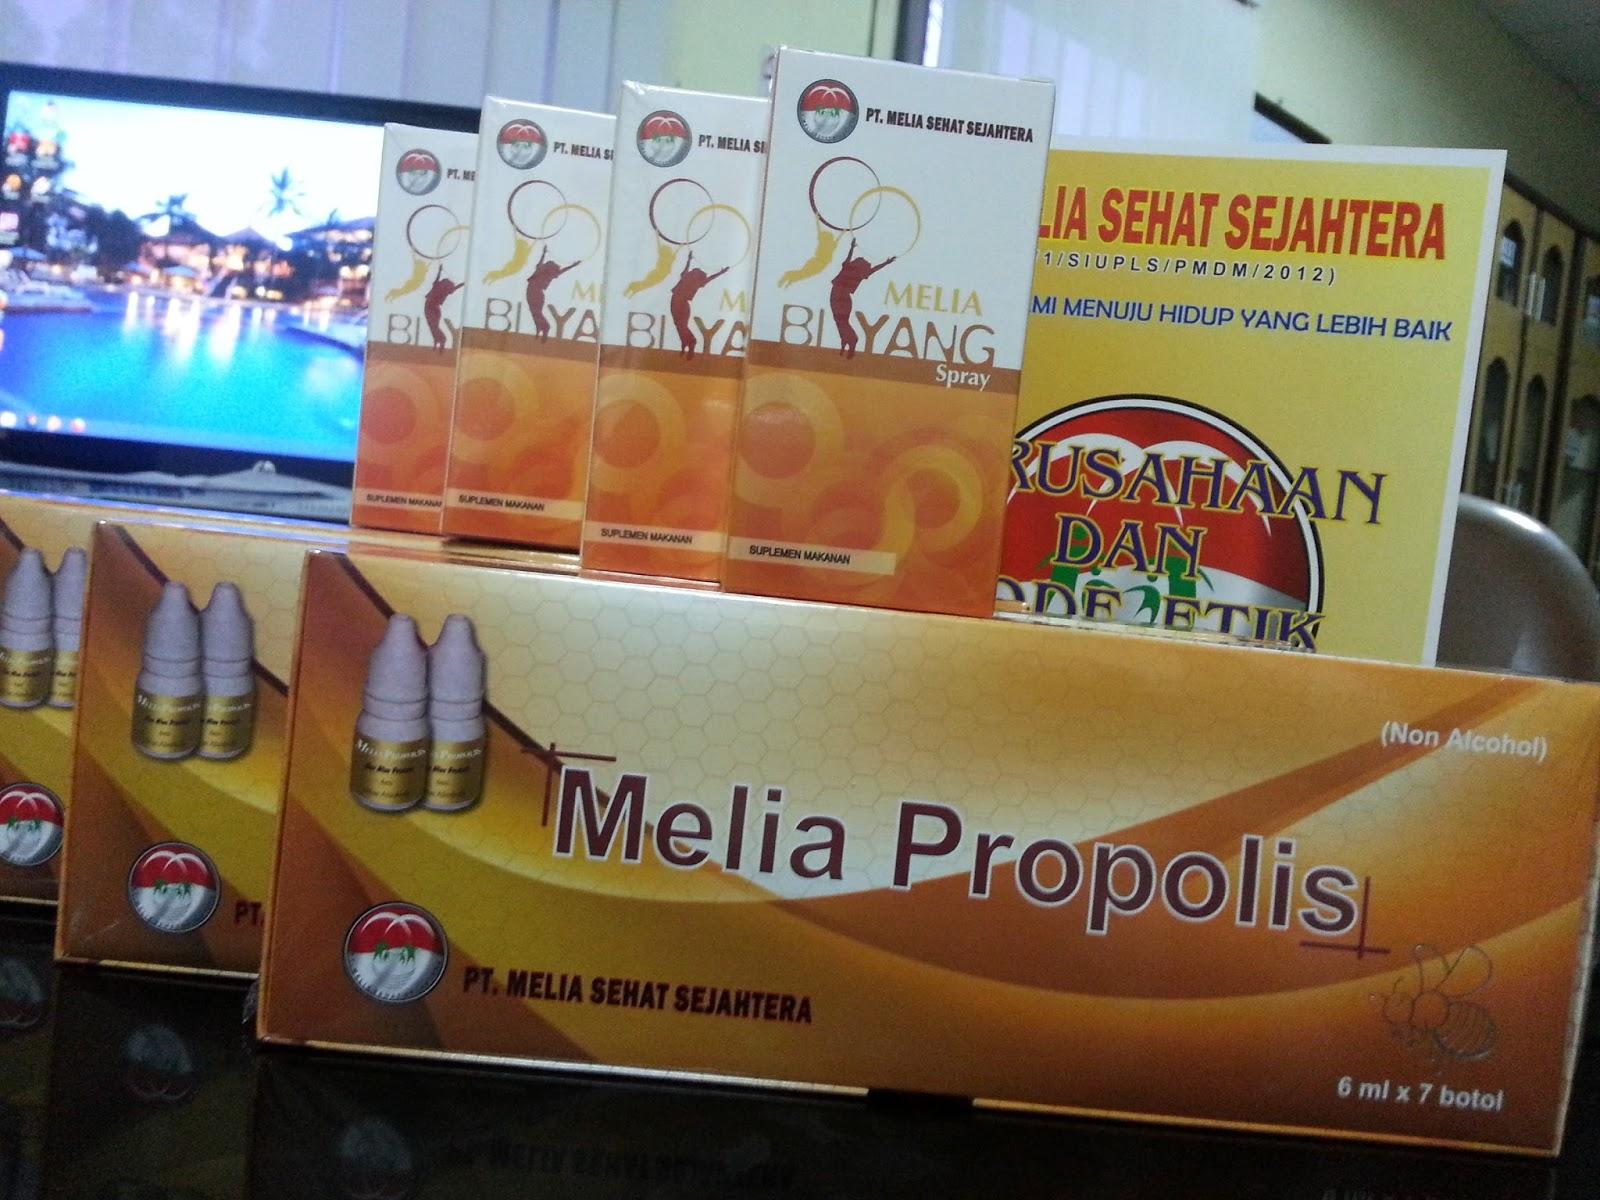 Distributor-Agen-Resmi-Jual-Melia-Propolis-Melia-Biyang-Banjarmasin